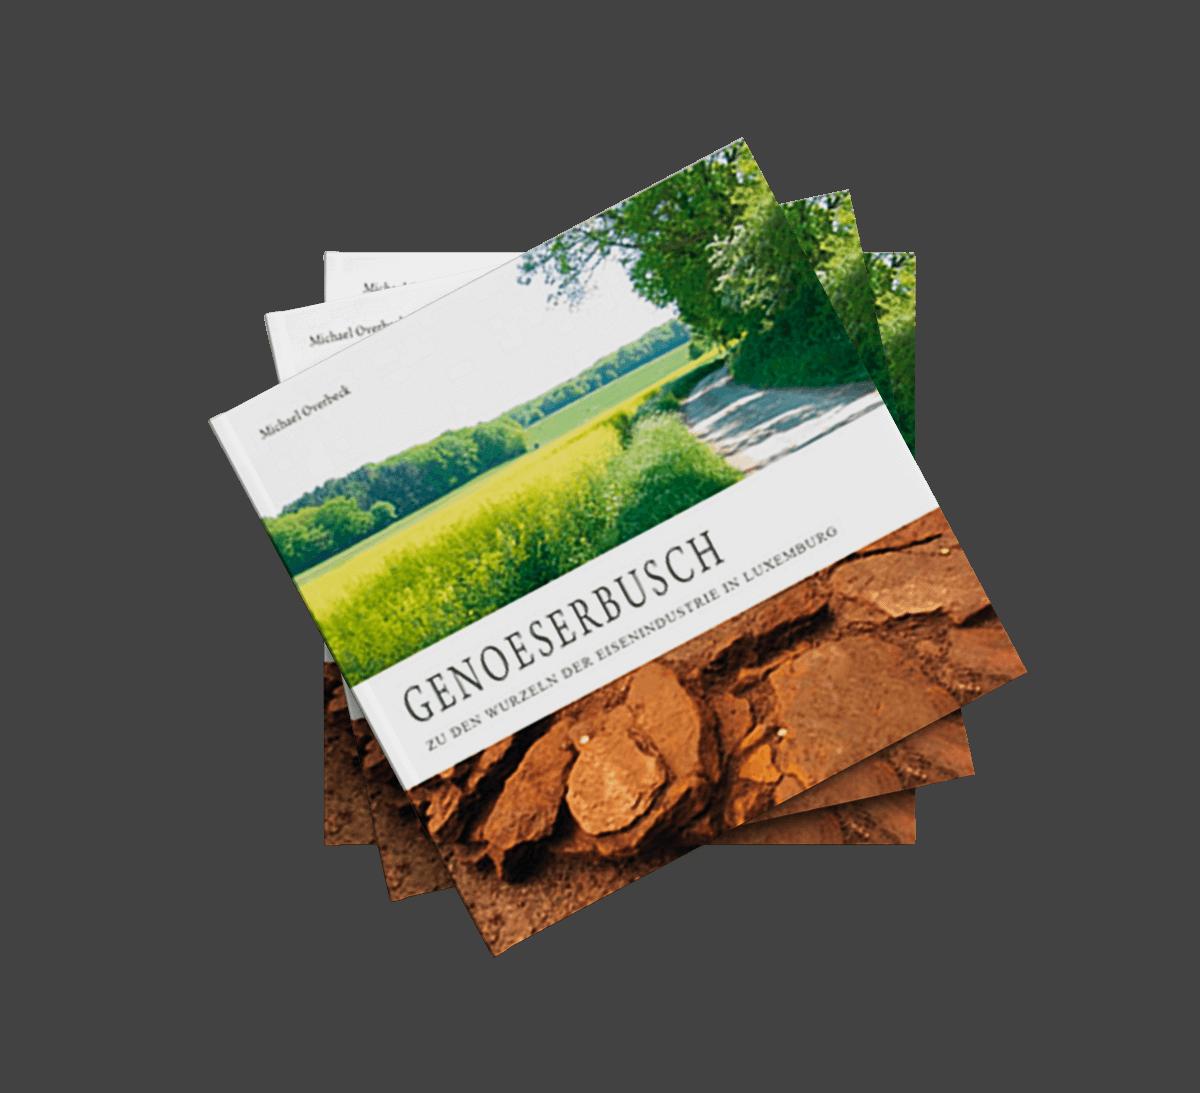 Buchgestaltung Referenz Genoeserbusch Front